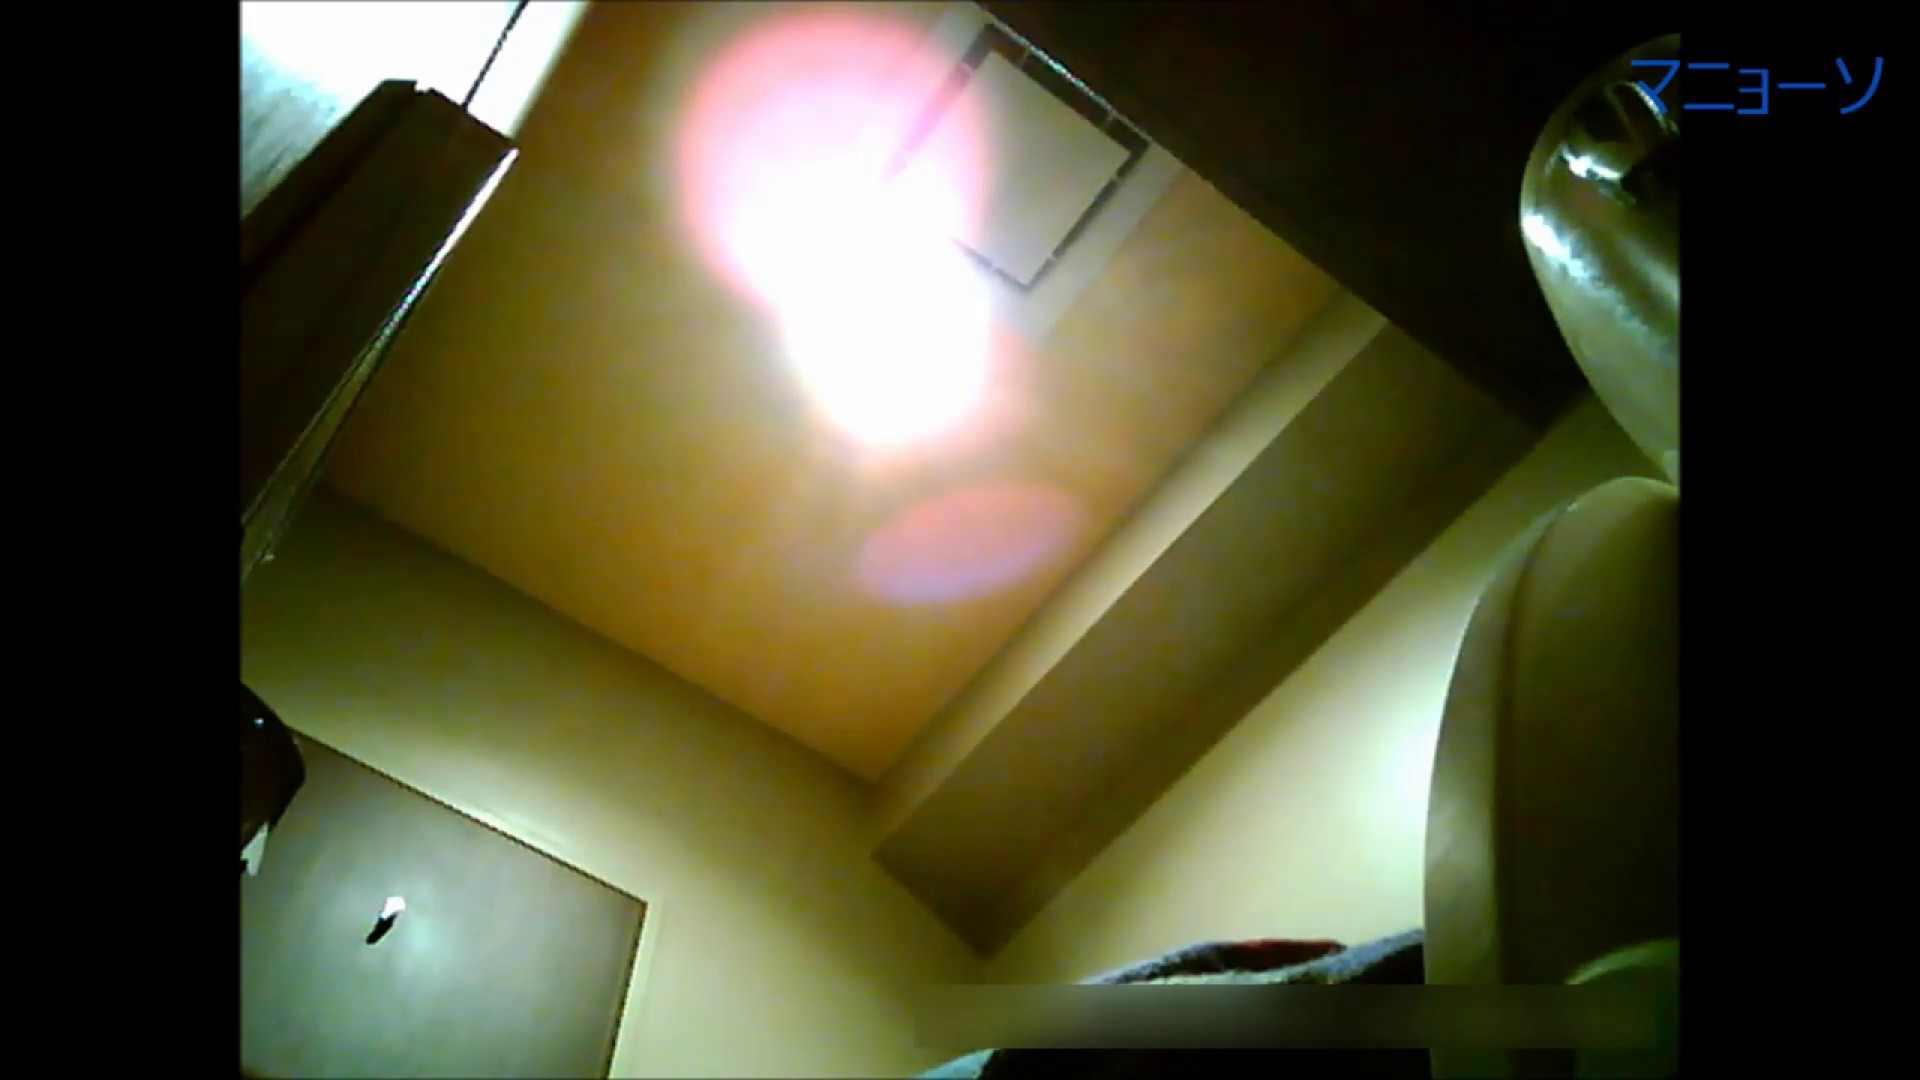 トイレでひと肌脱いでもらいました (JD編)Vol.02 トイレ | OLの実態  80pic 27